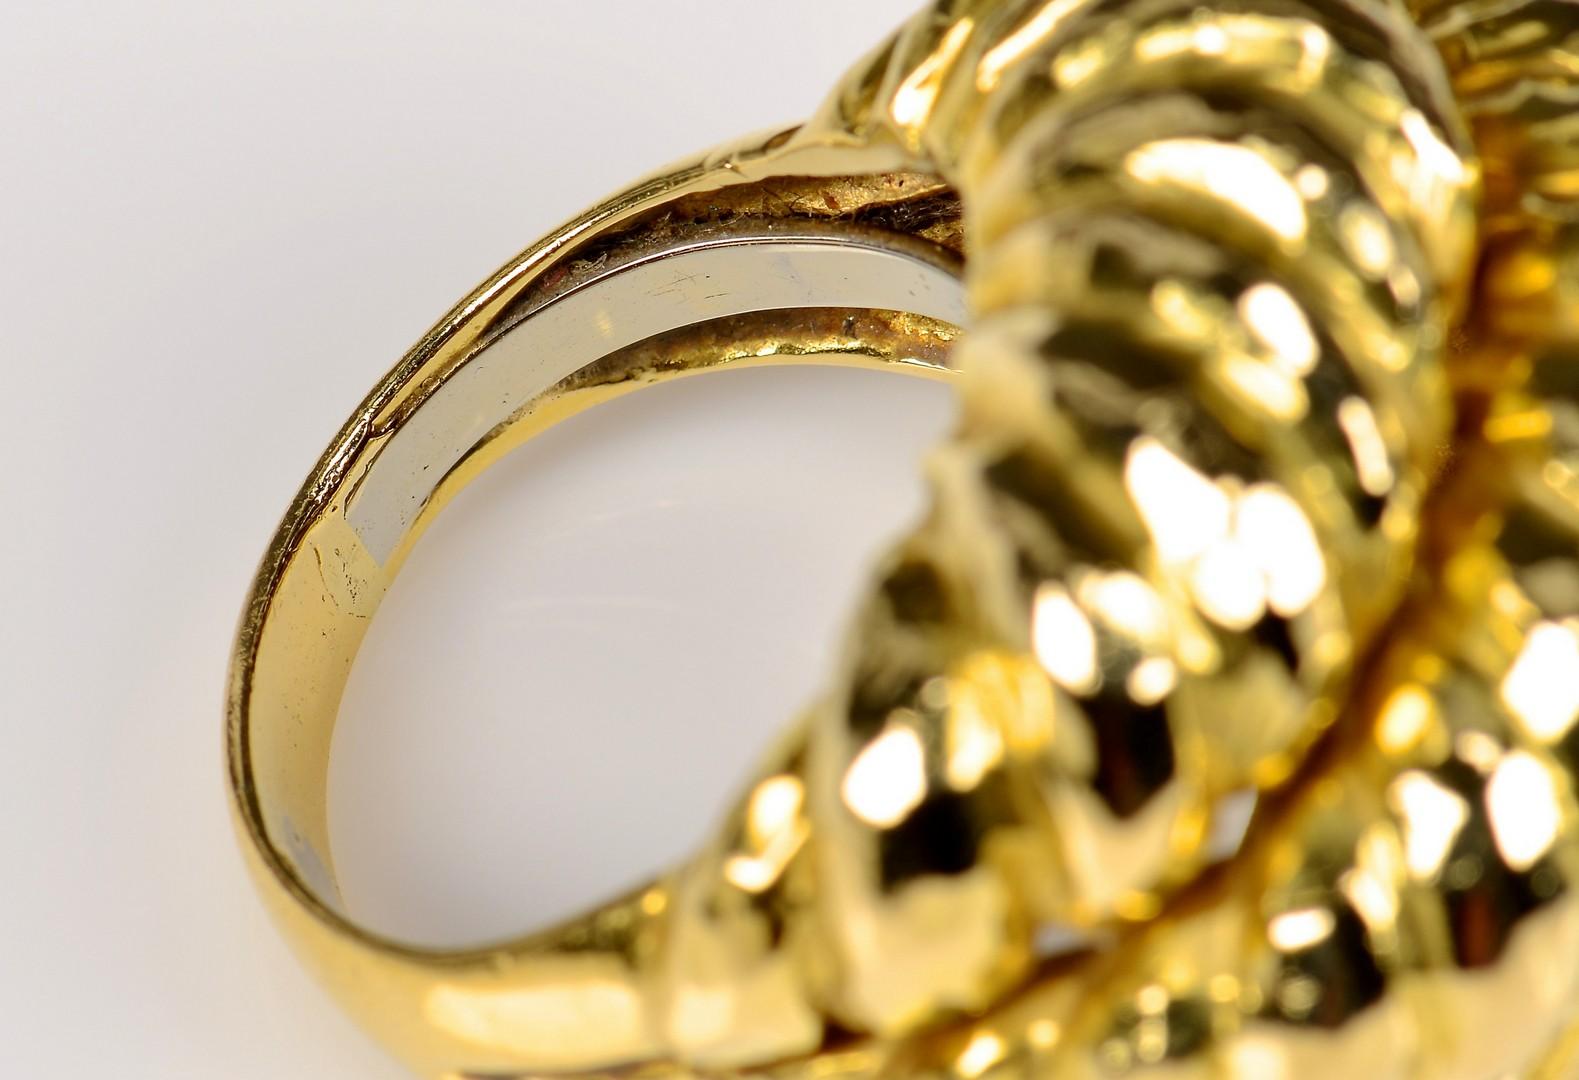 Lot 73: 18K David Webb ring, 31.7 grams